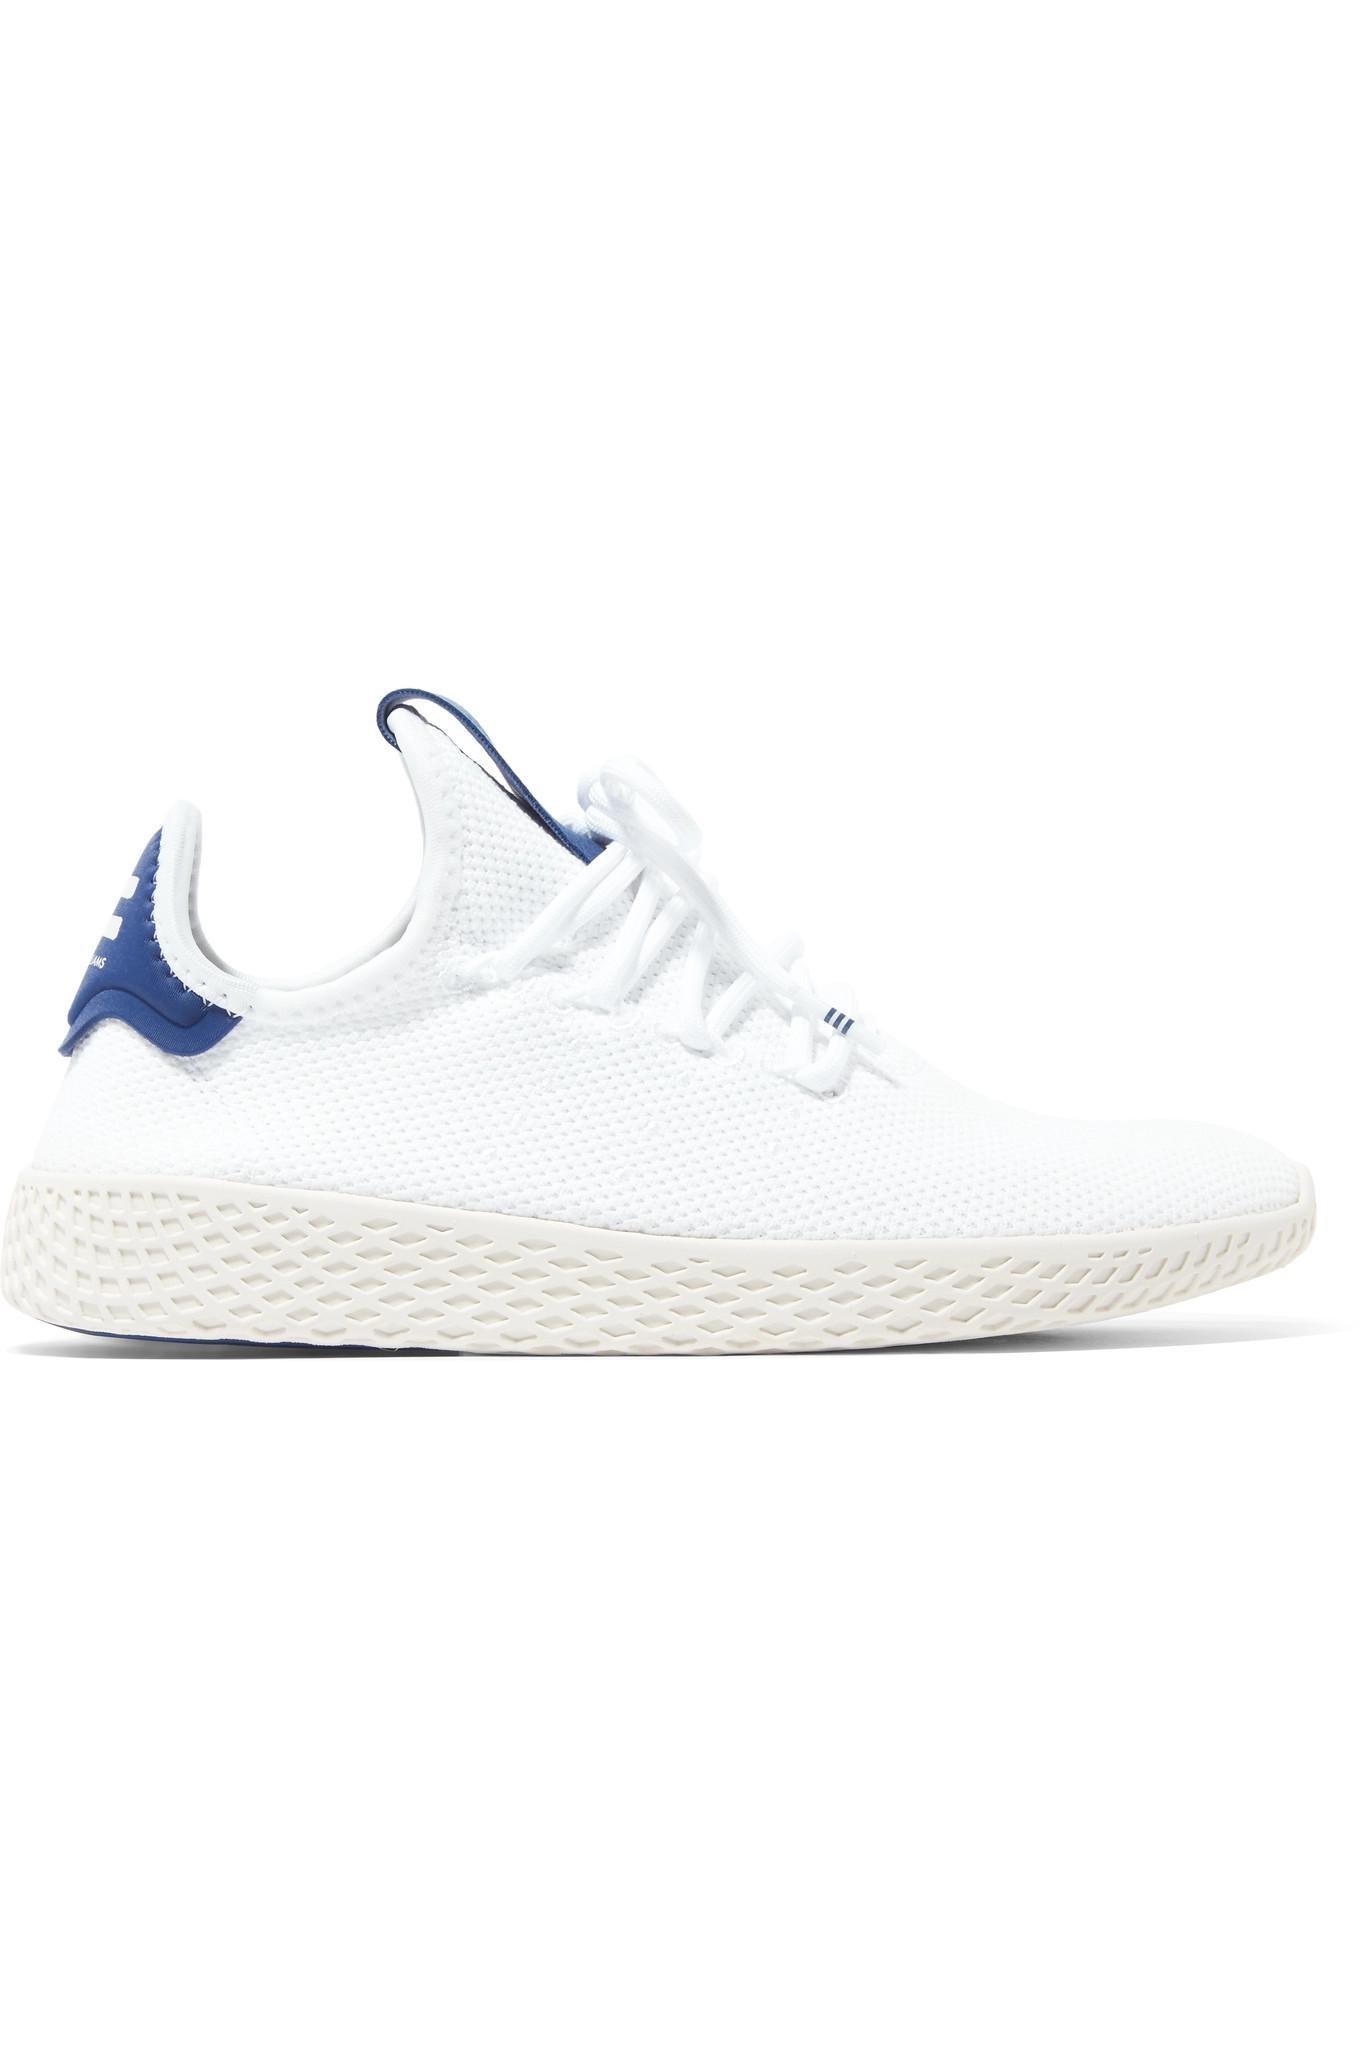 5d3f2b8a05cd0 adidas Originals. Women s White X Pharrell Williams Damen Tennis Hu ...